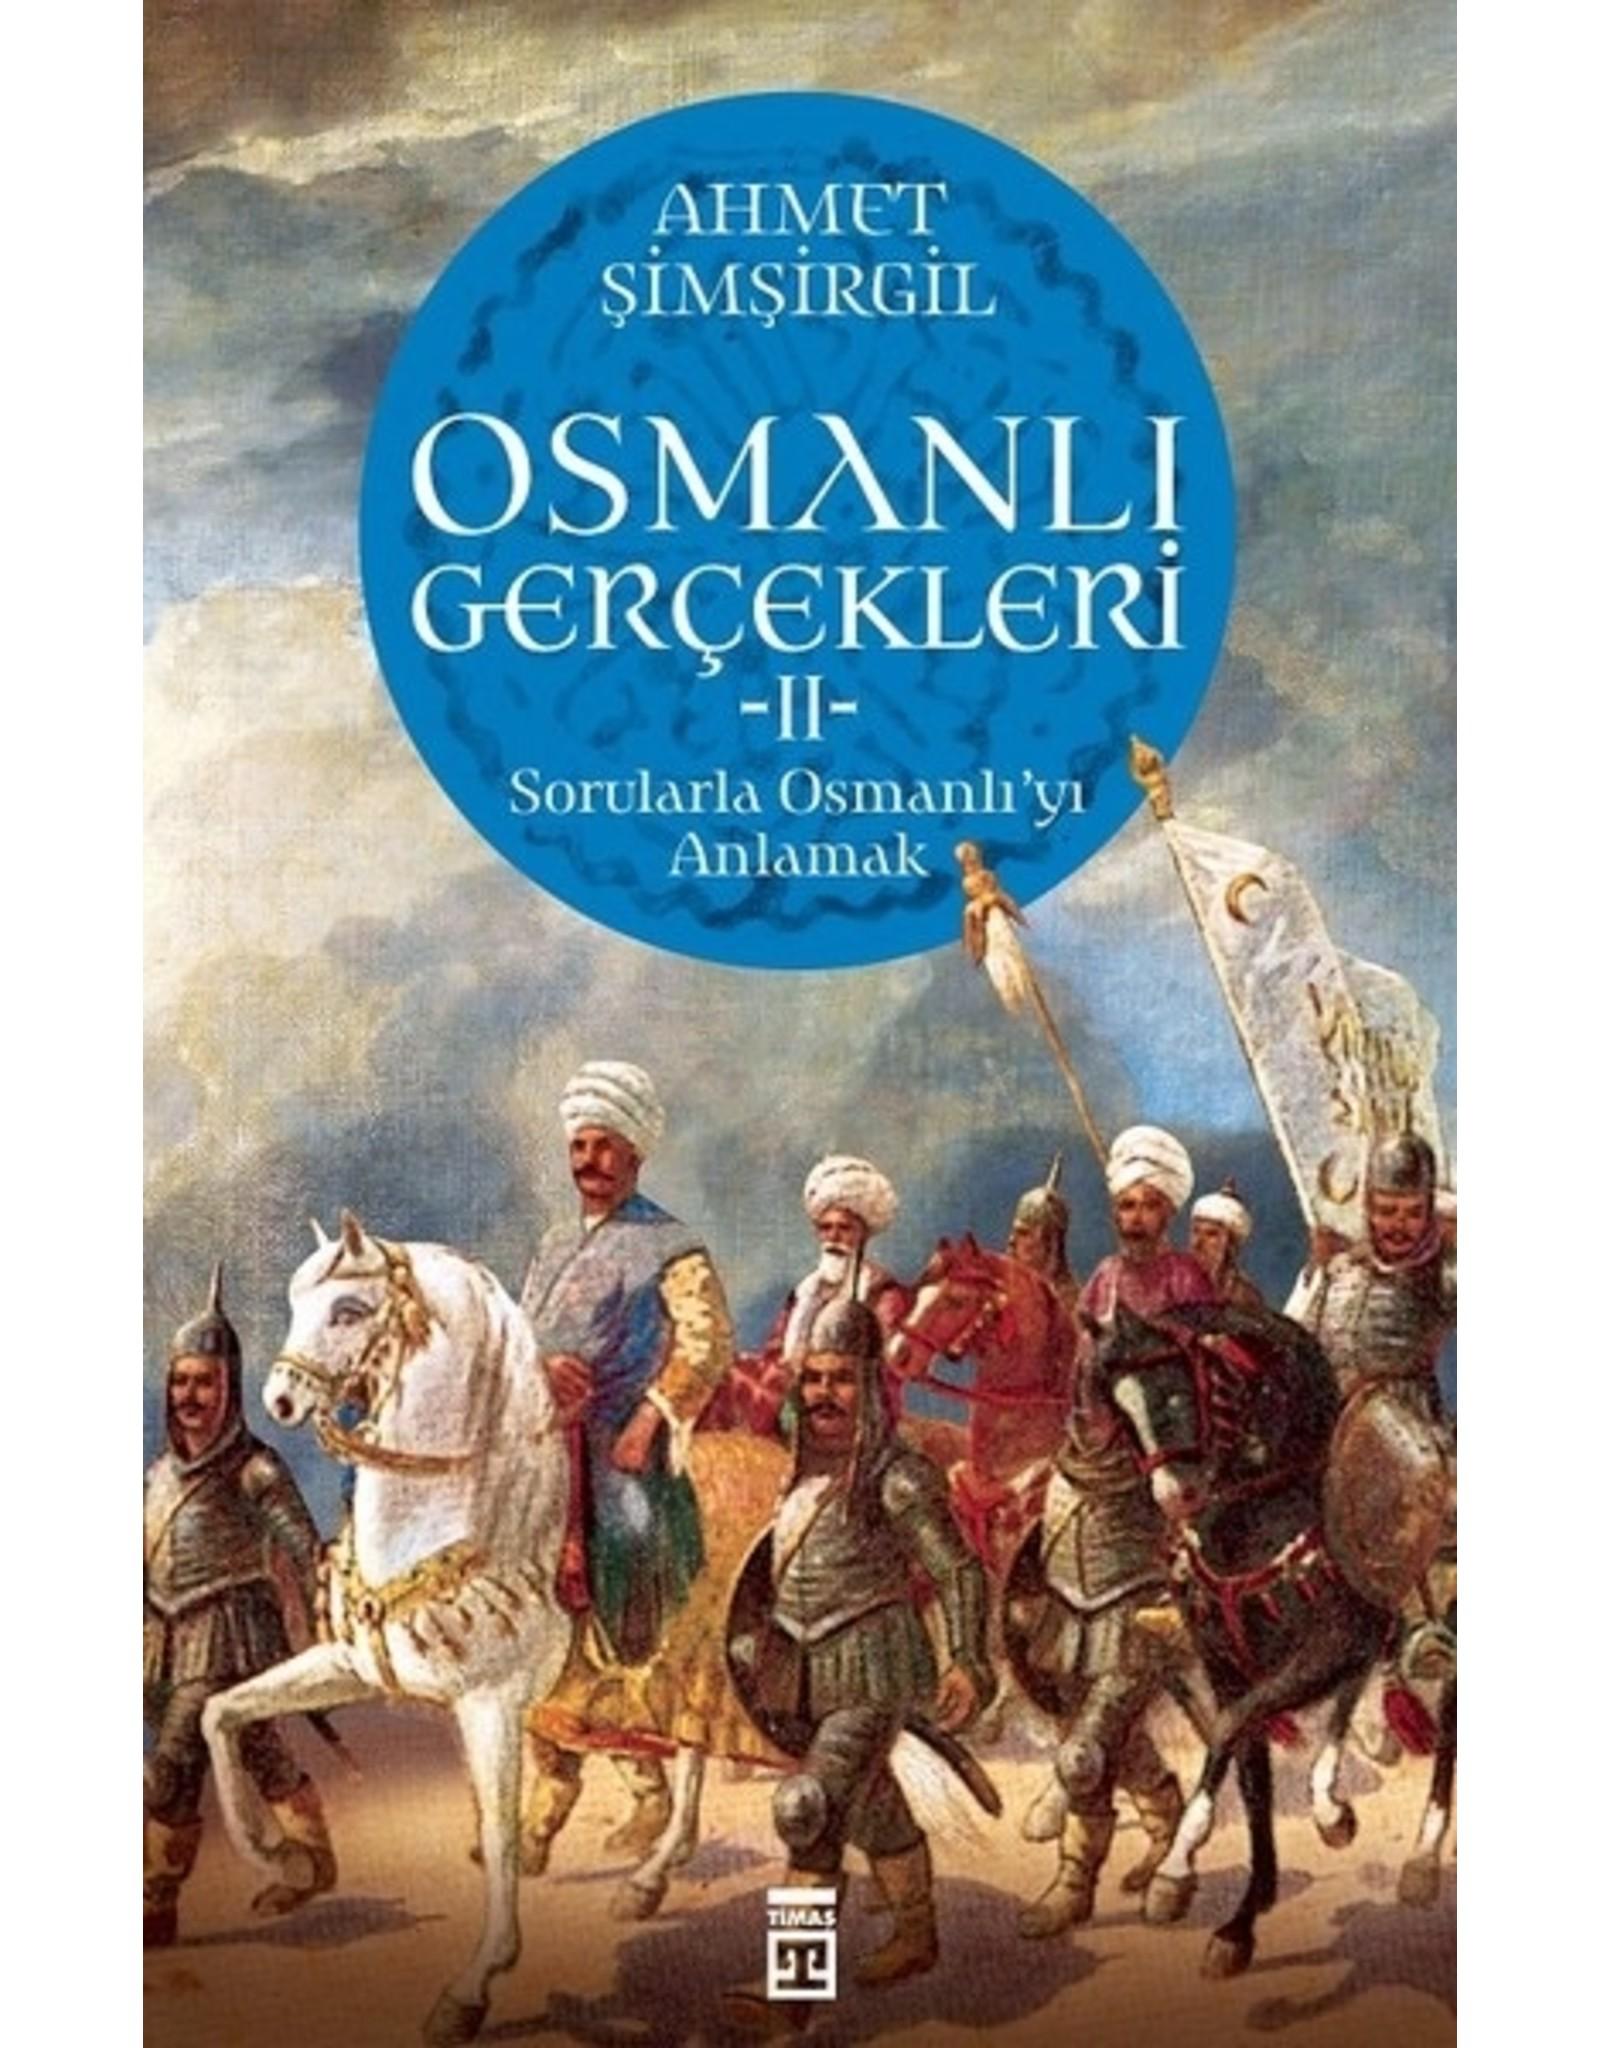 Ahmet Şimşirgil Osmanlı Gerçekleri 2 Sorularla Osmanlı'yı Anlamak